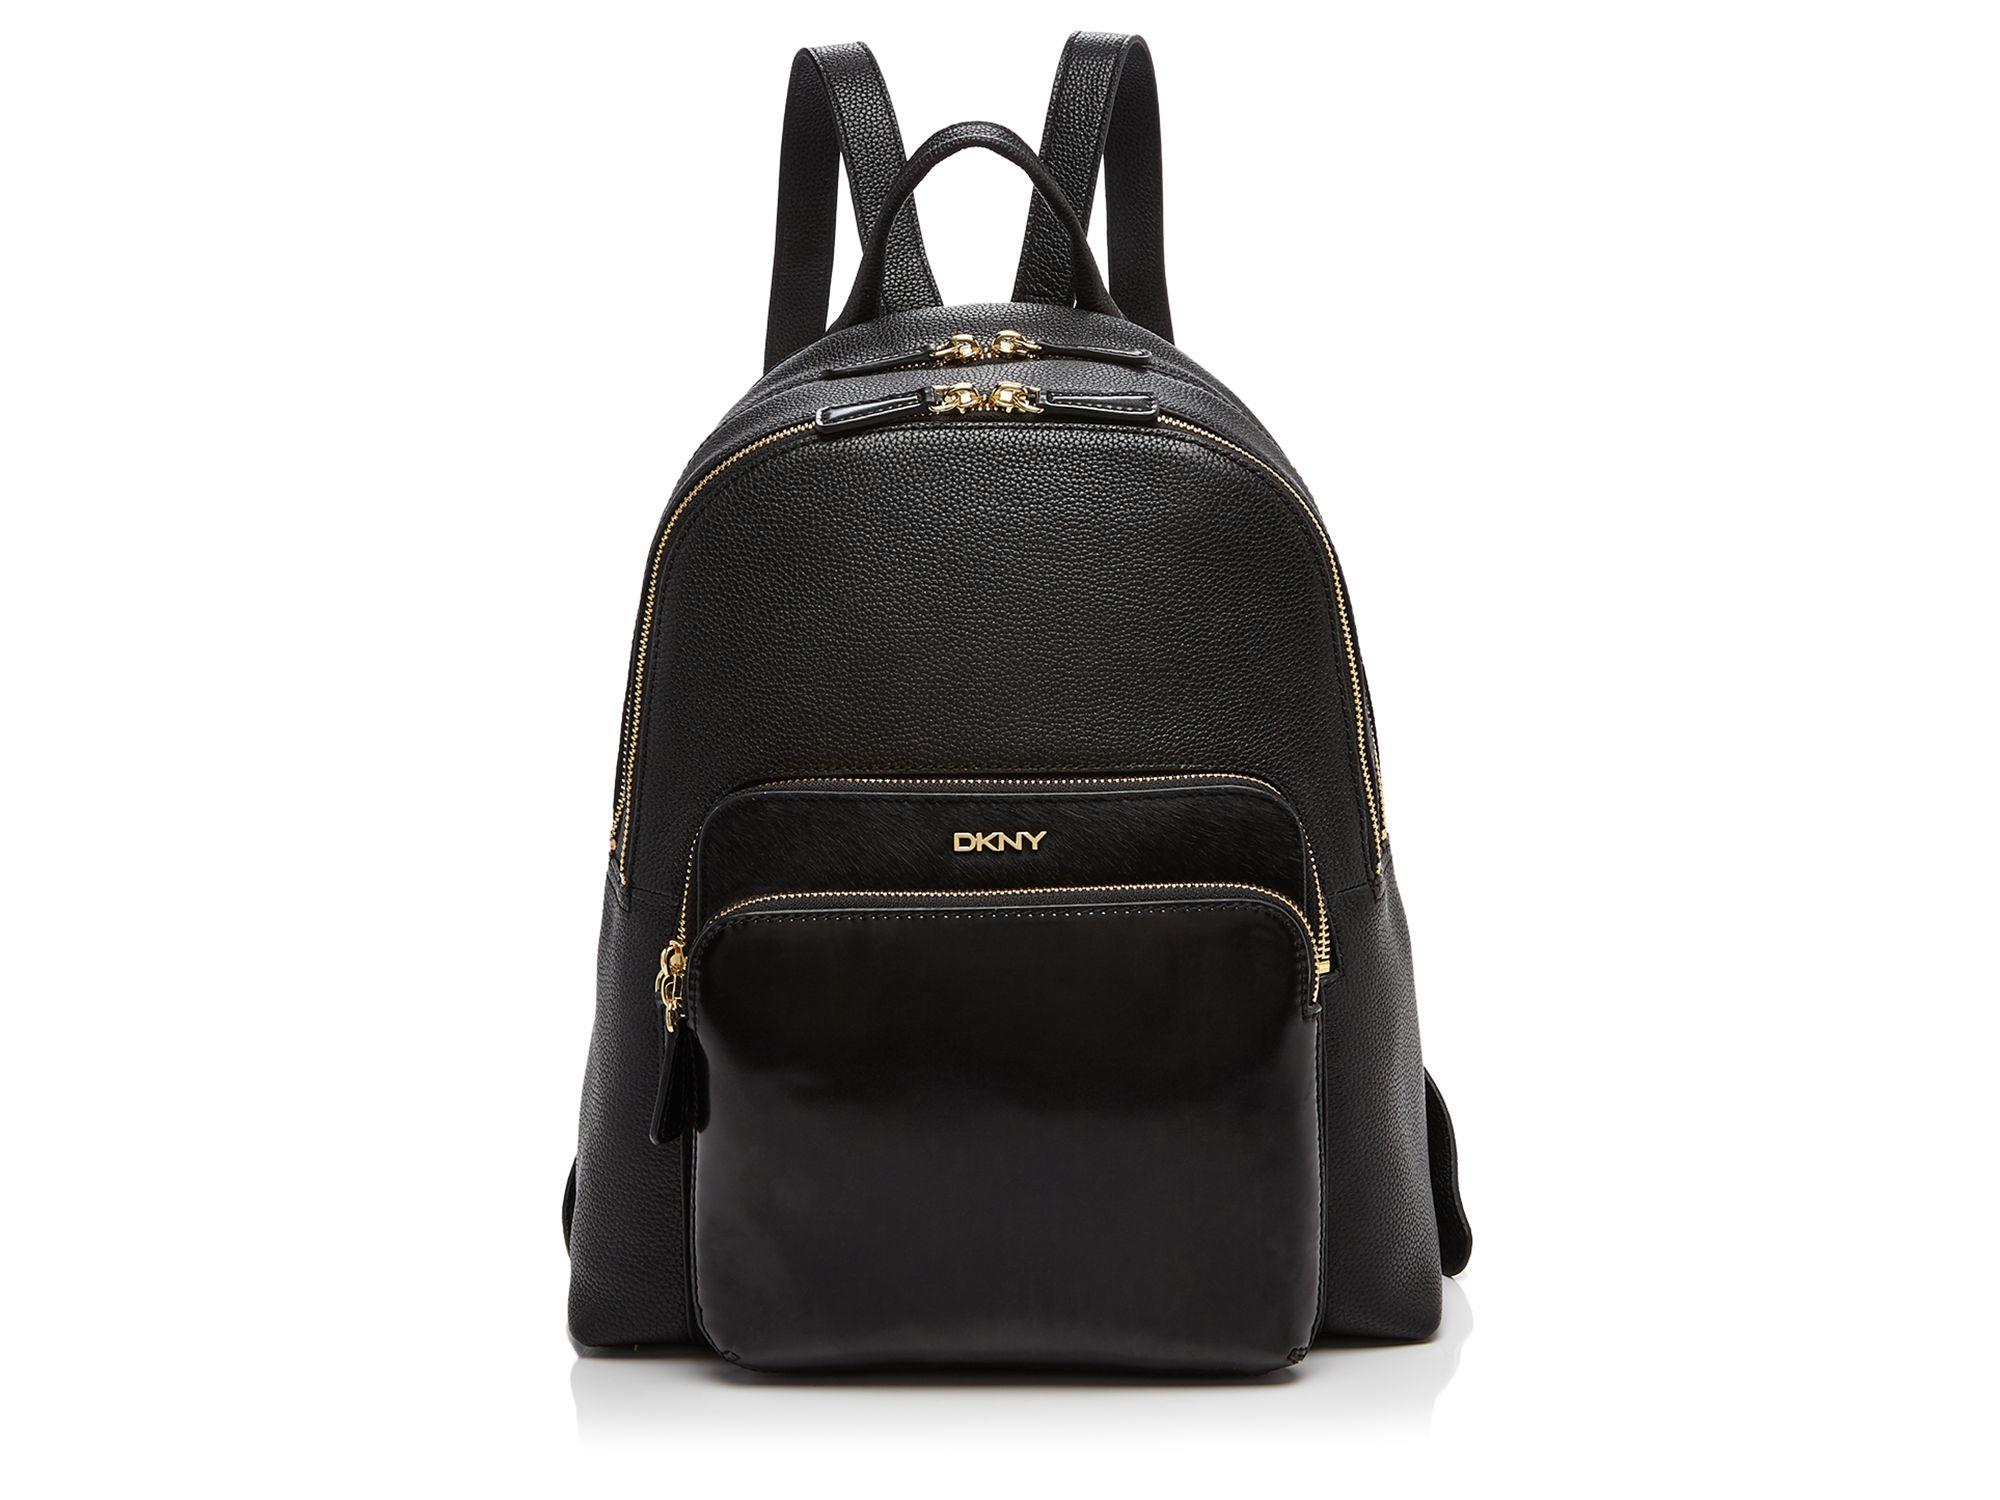 Dkny Chelsea Vintage Calf Hair Backpack In Black Lyst